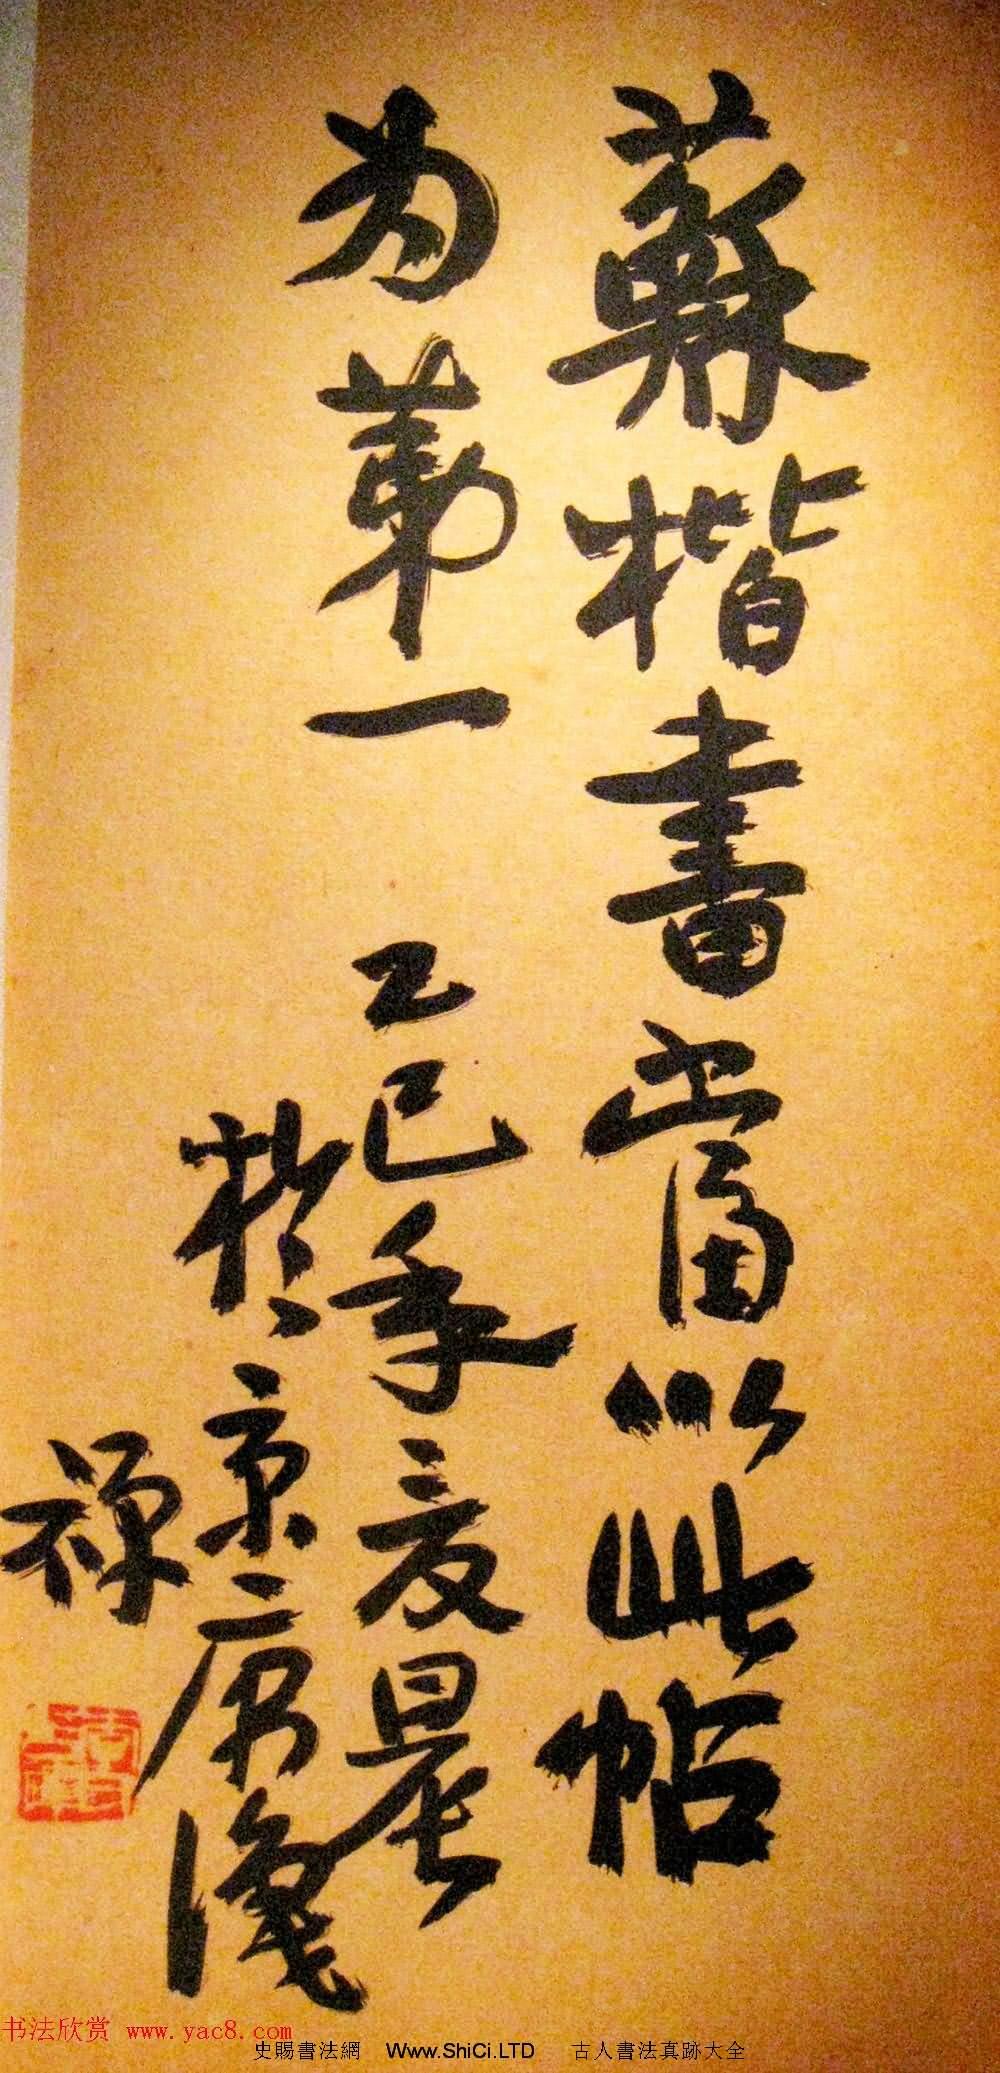 藝術大師李苦禪碑帖題跋書法真跡欣賞(共11張圖片)